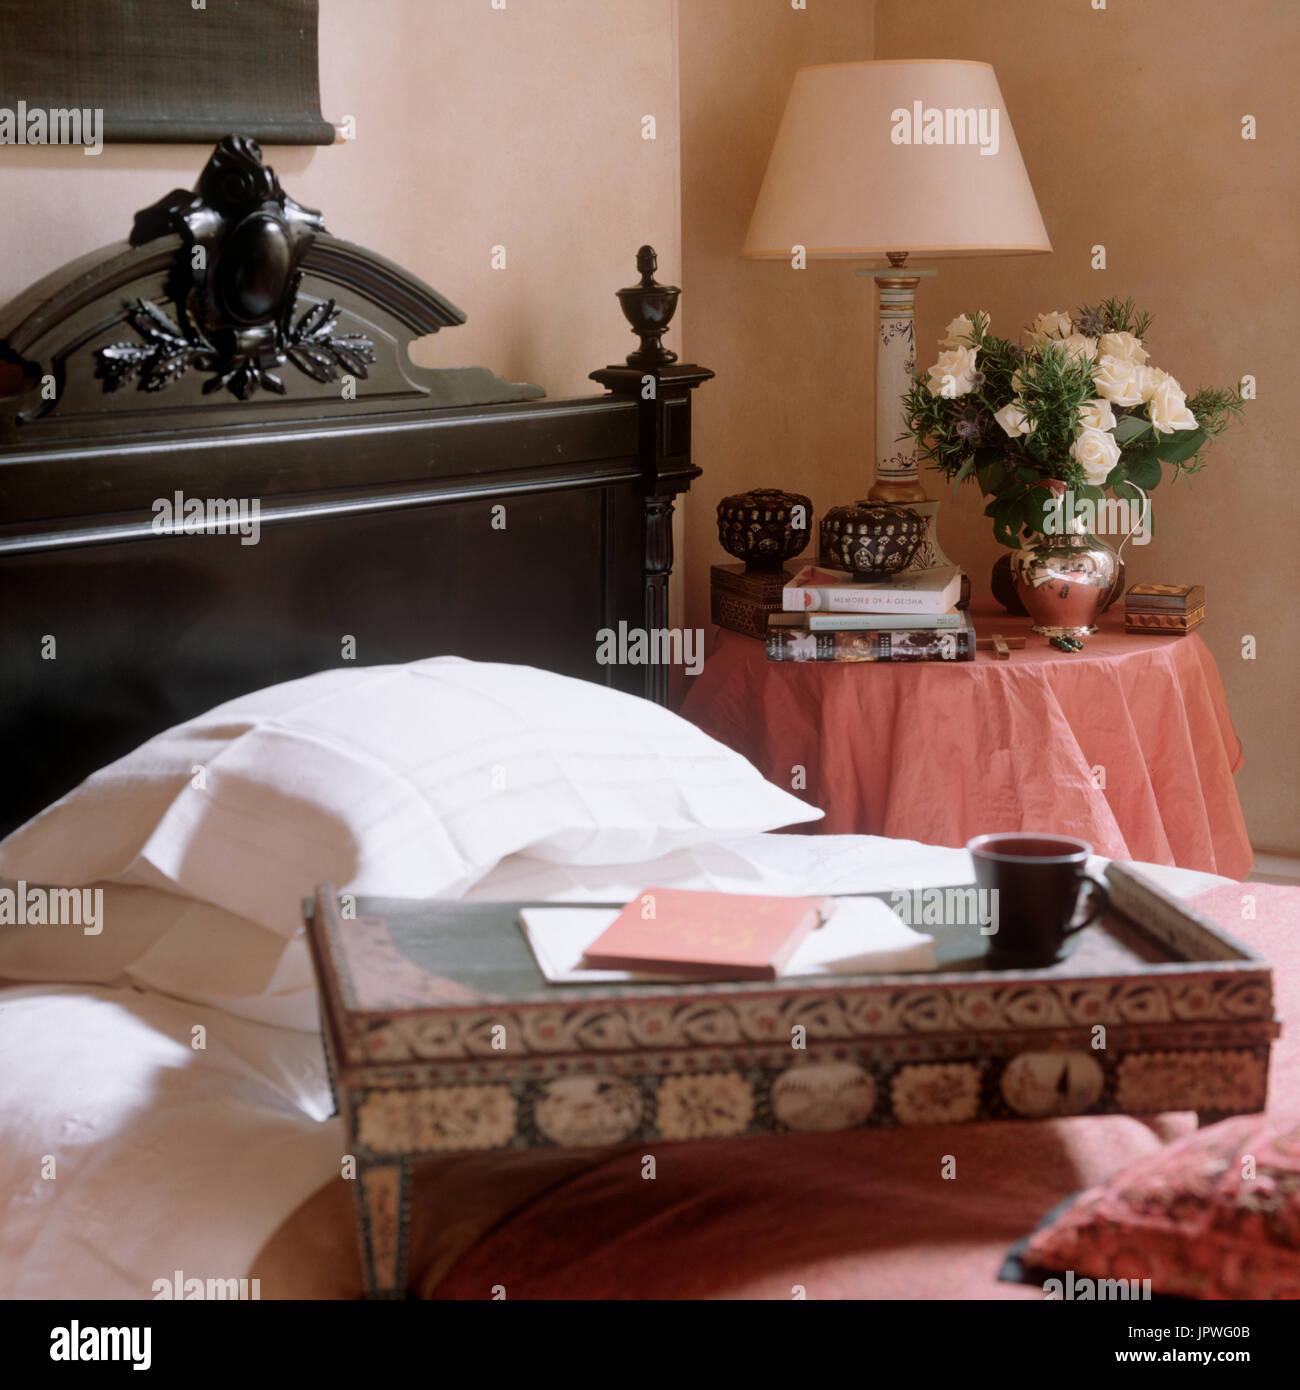 Fach auf Bett Stockbild